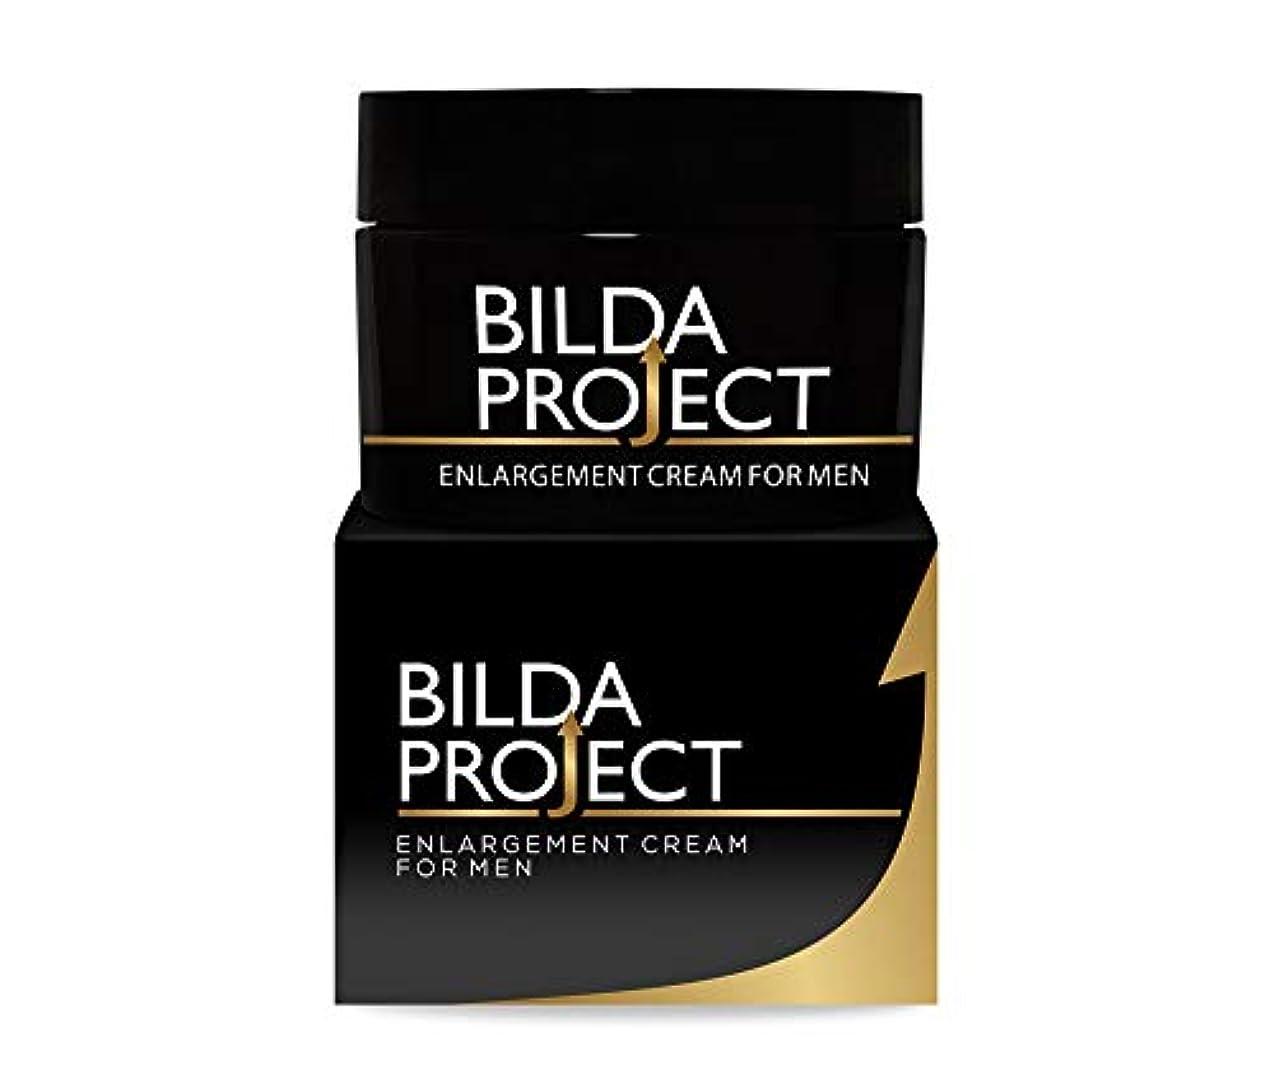 カウボーイ保証金叫び声Bilda Project ビルダプロジェクト